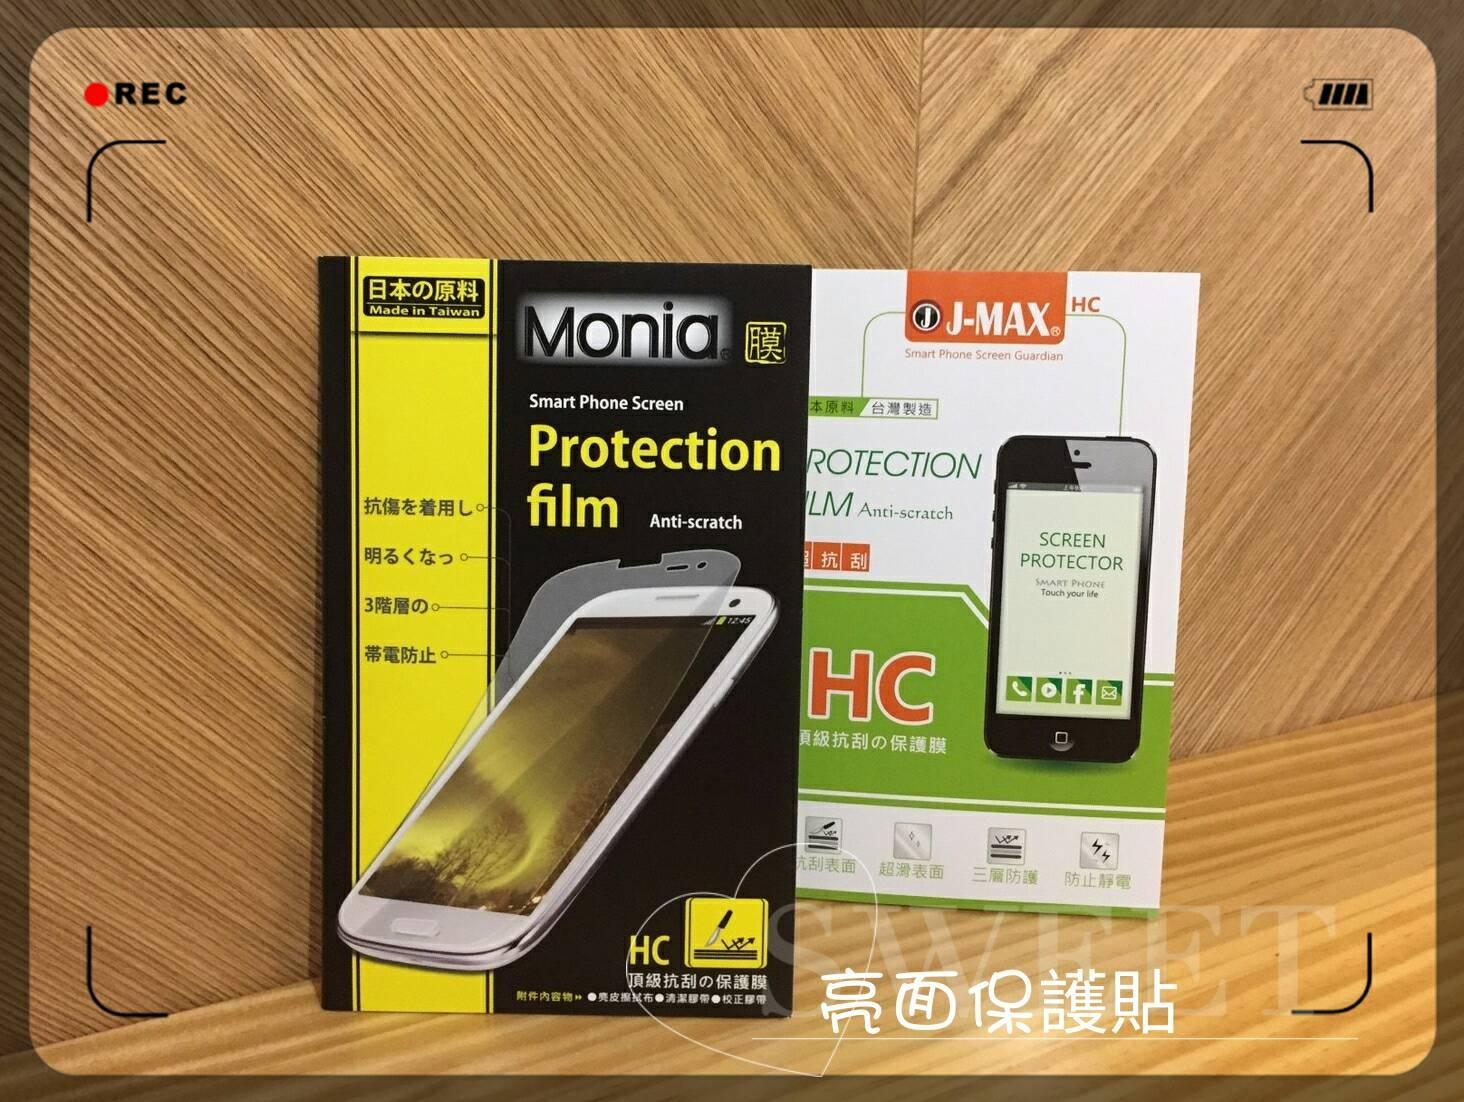 『亮面保護貼』ASUS ZenFone5 A500CG T00F 5吋 手機螢幕保護貼 高透光 保護貼 保護膜 螢幕貼 亮面貼